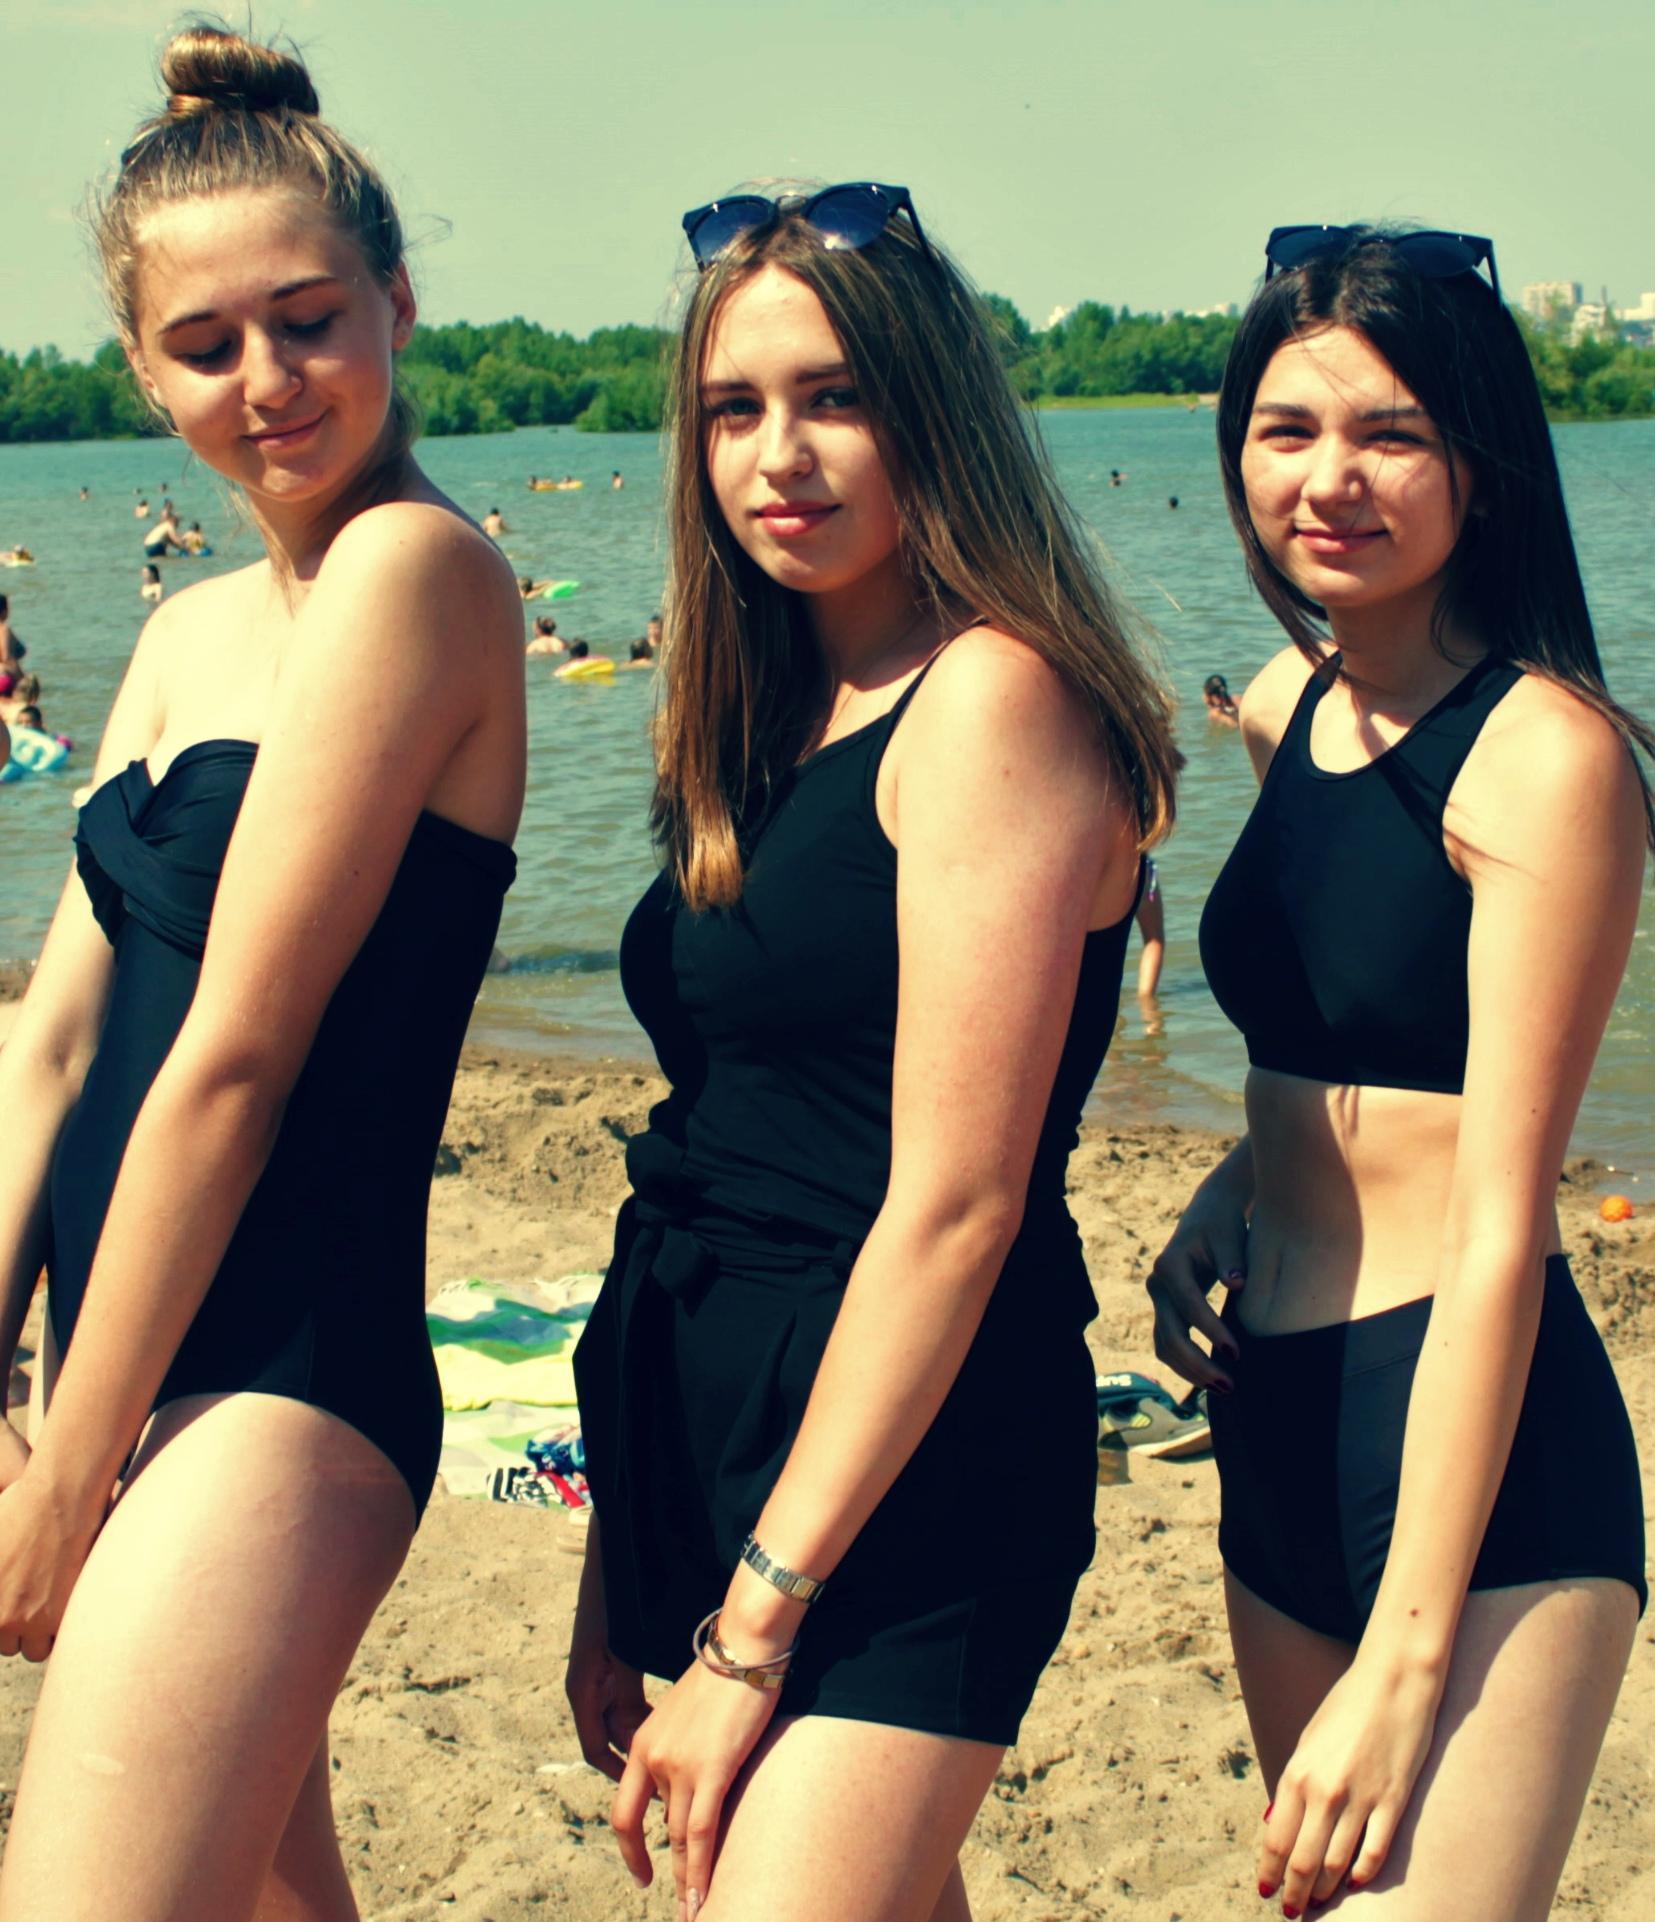 фото Лето, пляж, красотки: подборка самых горячих девушек на пляже Новосибирска 4